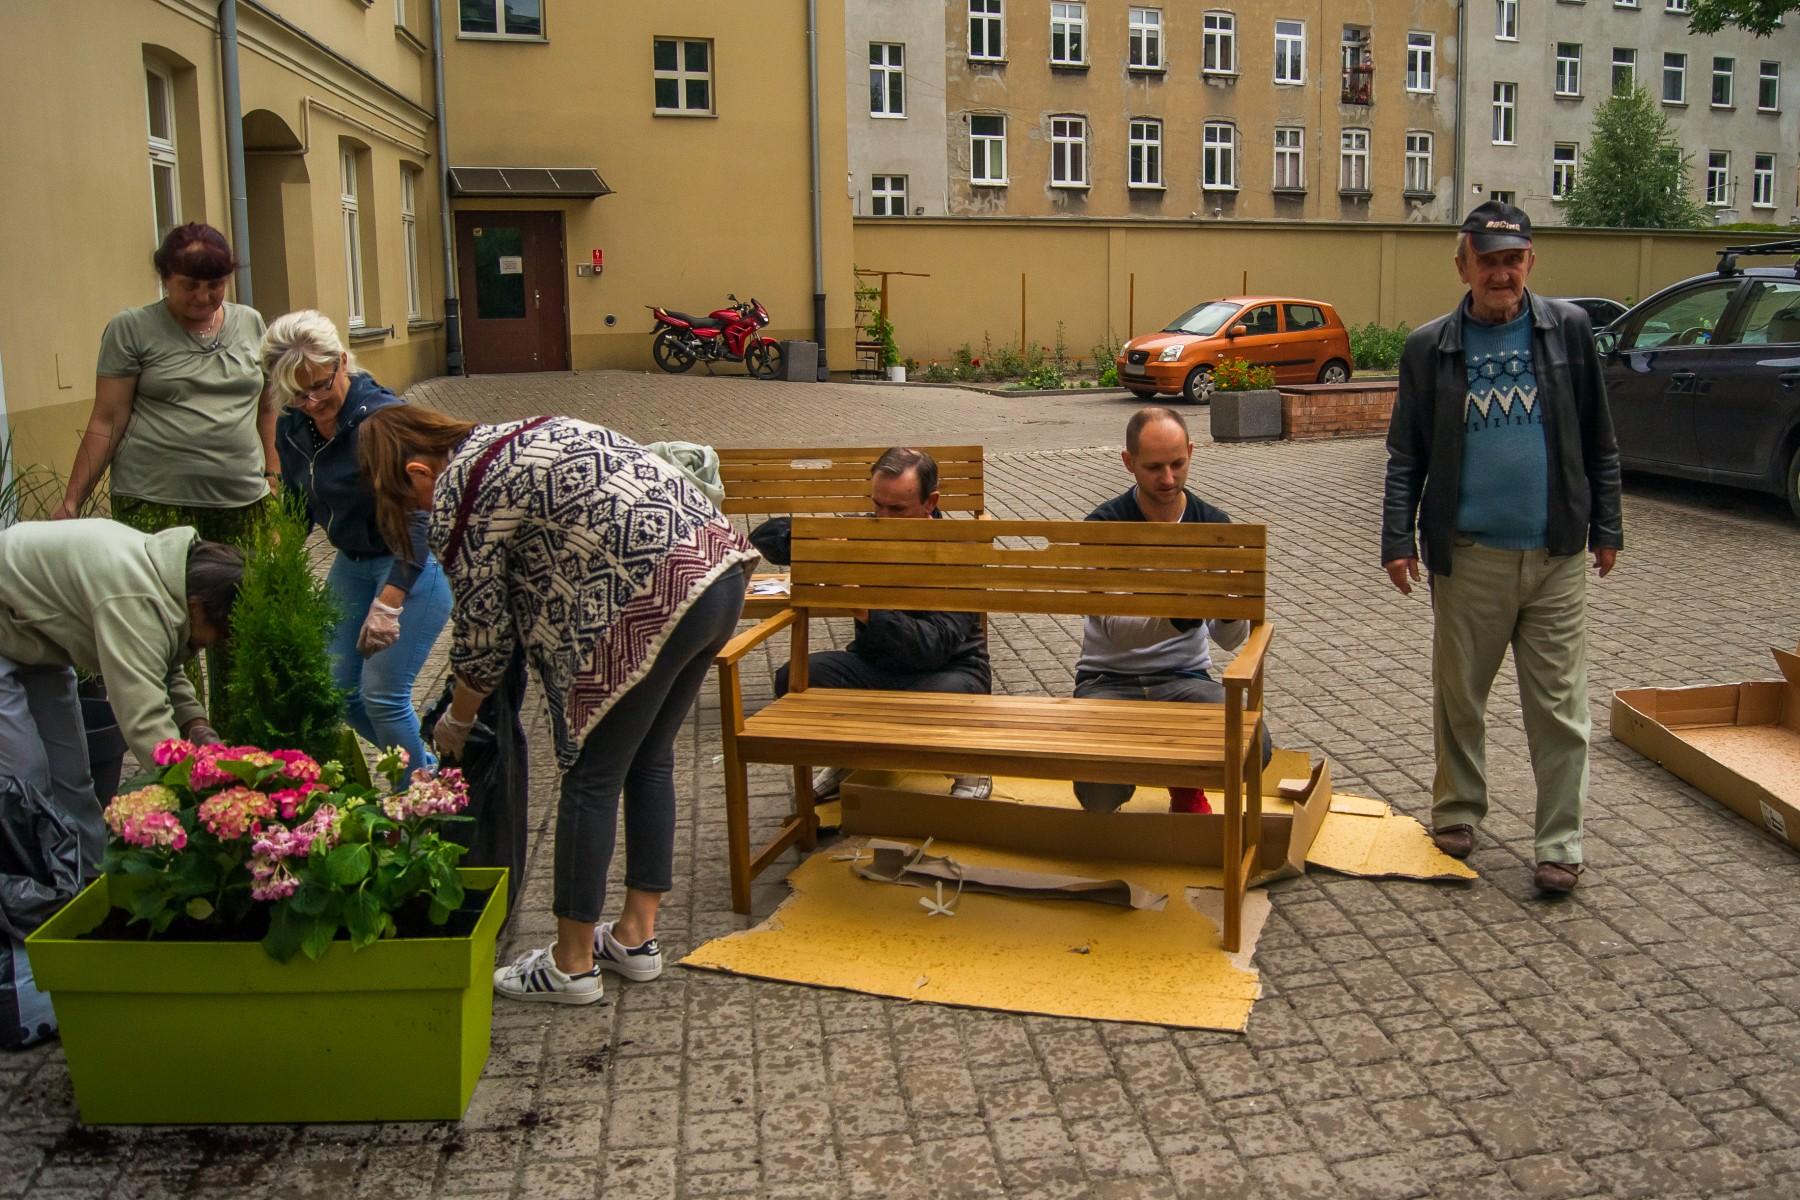 Gdańska 24 02-07-2018 (14 of 30)